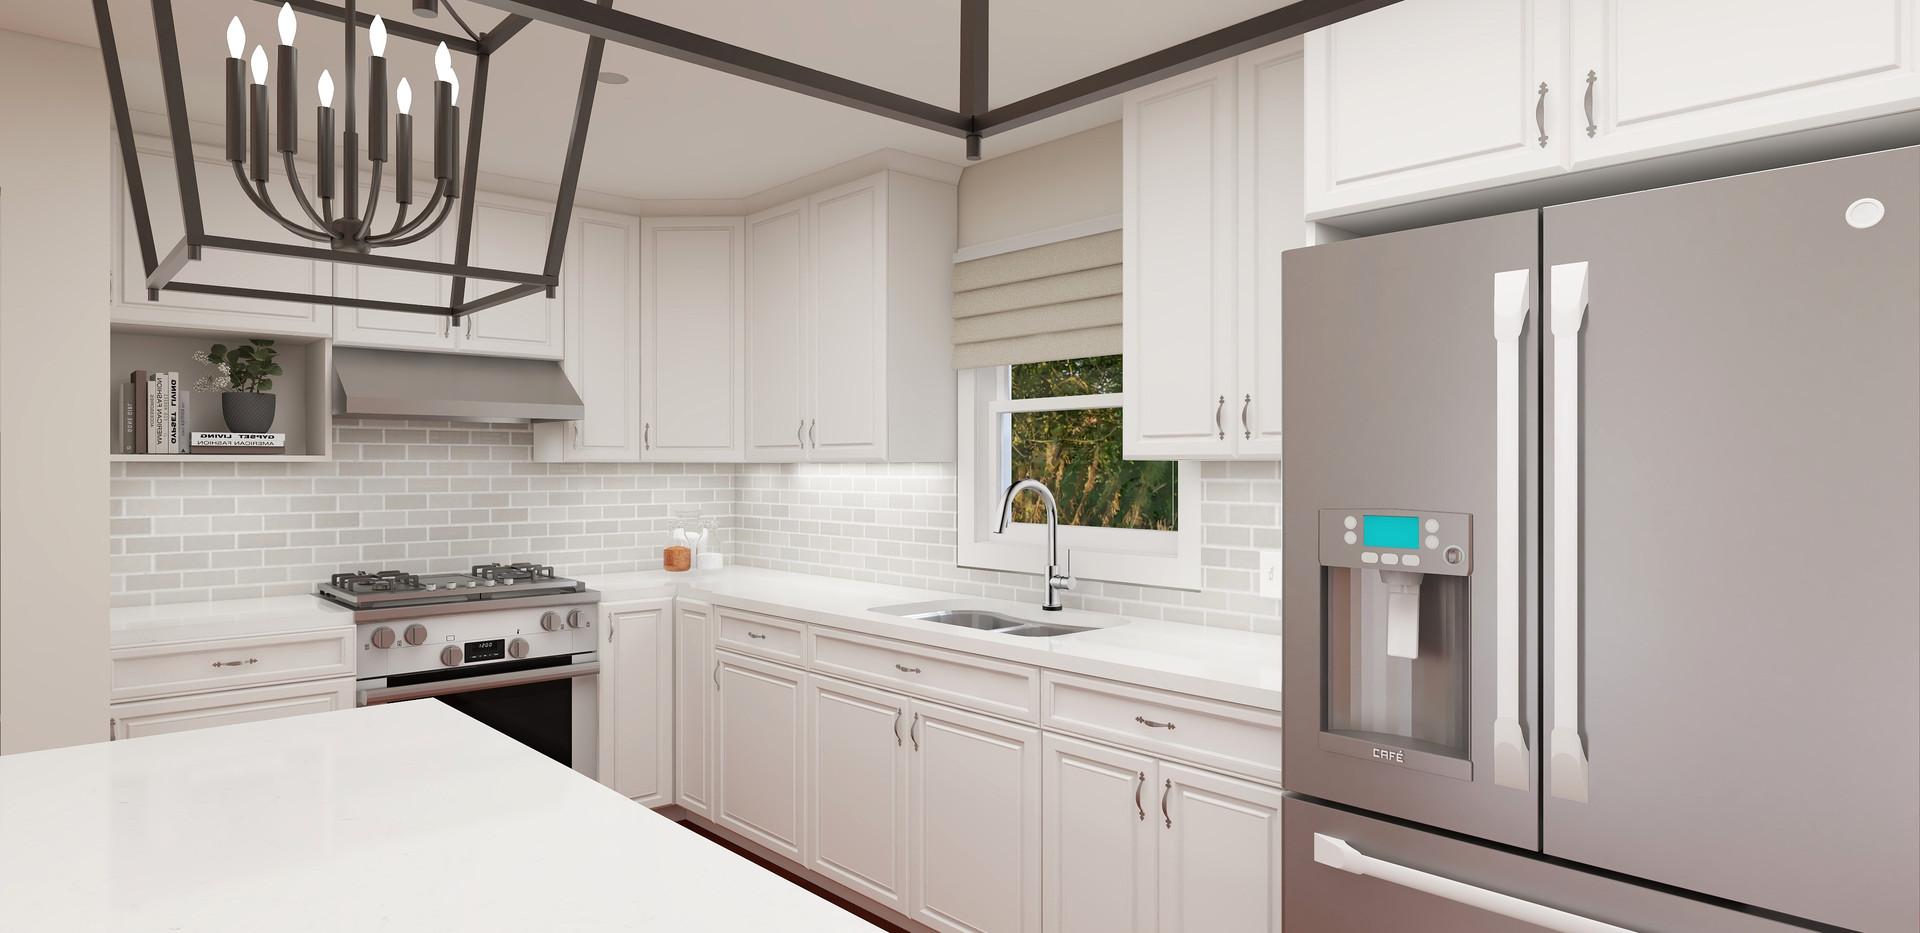 snowbound kitchen.jpg